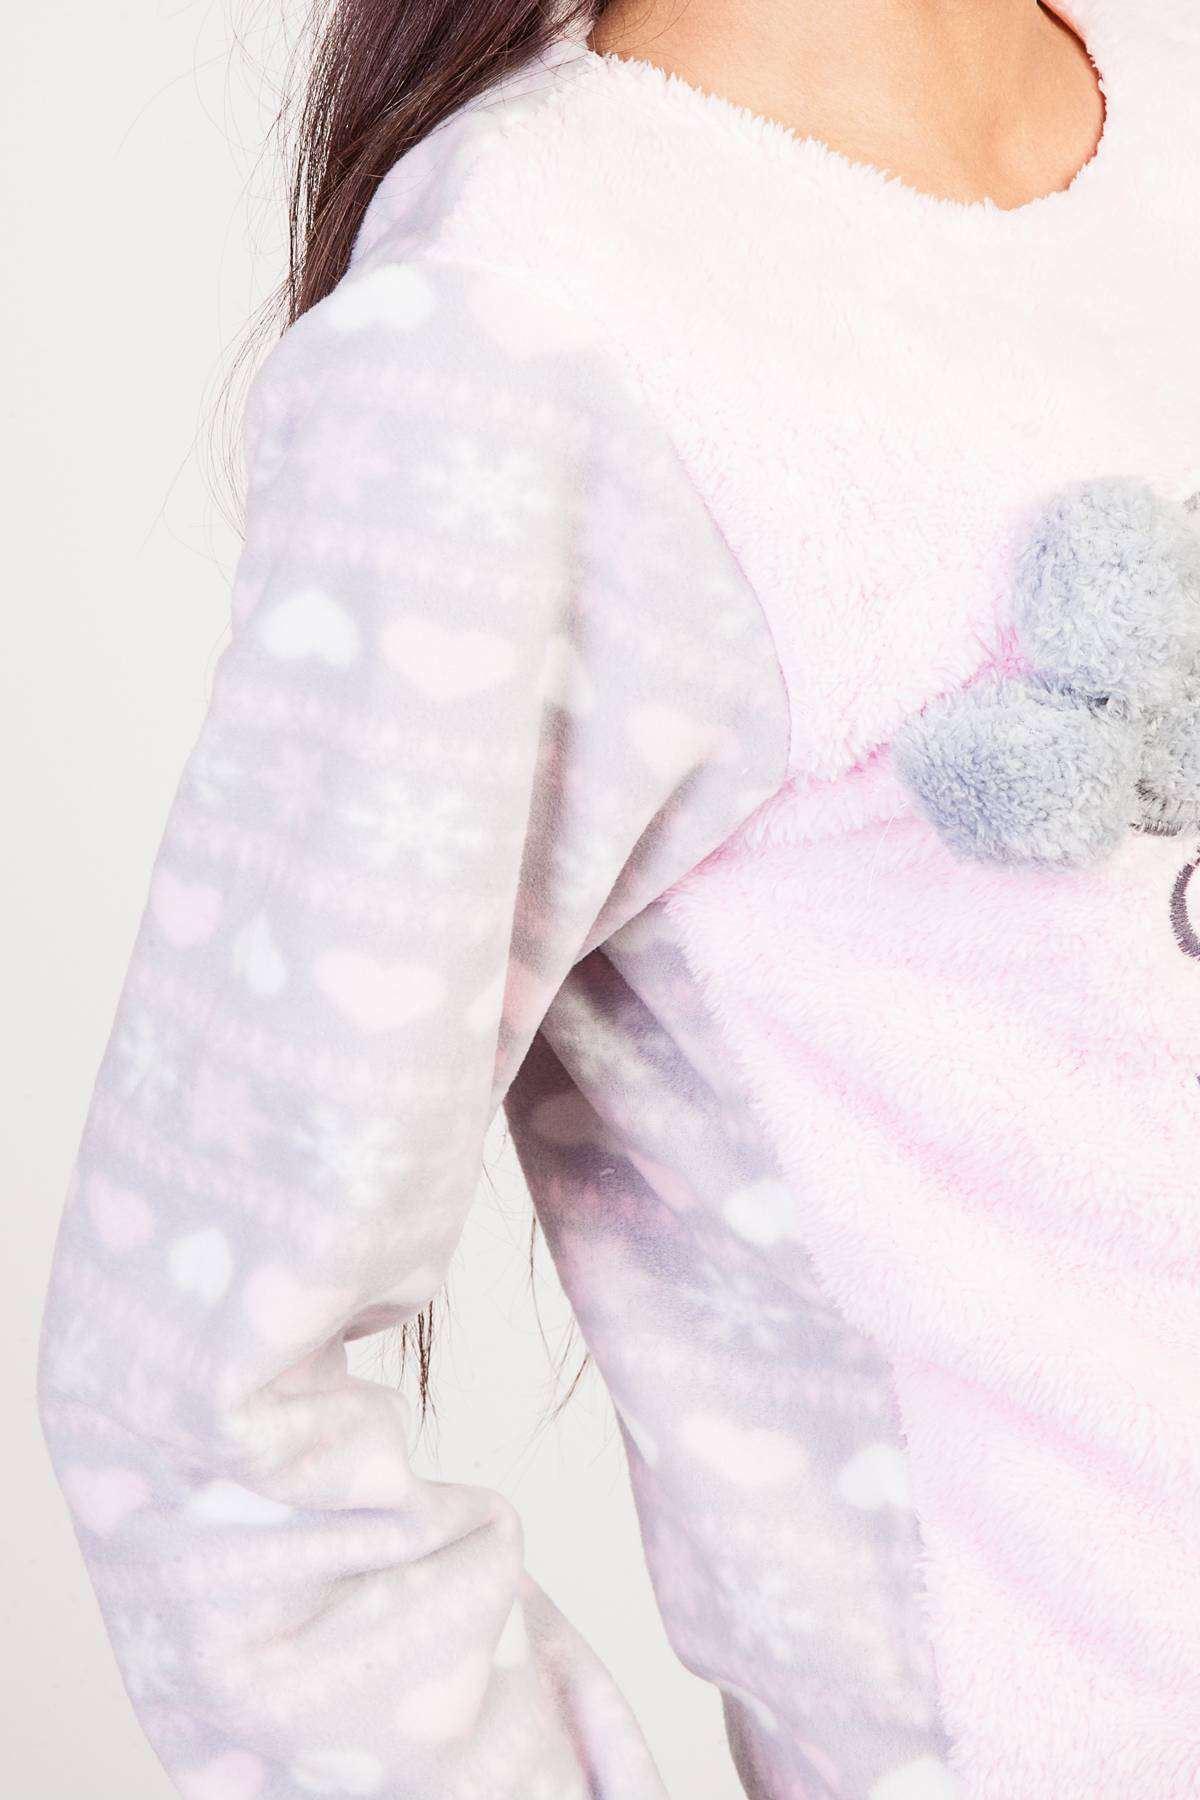 Koala Resimli Yazı Detaylı Kalp Baskılı Yumoş Pijama Takımı Pembe